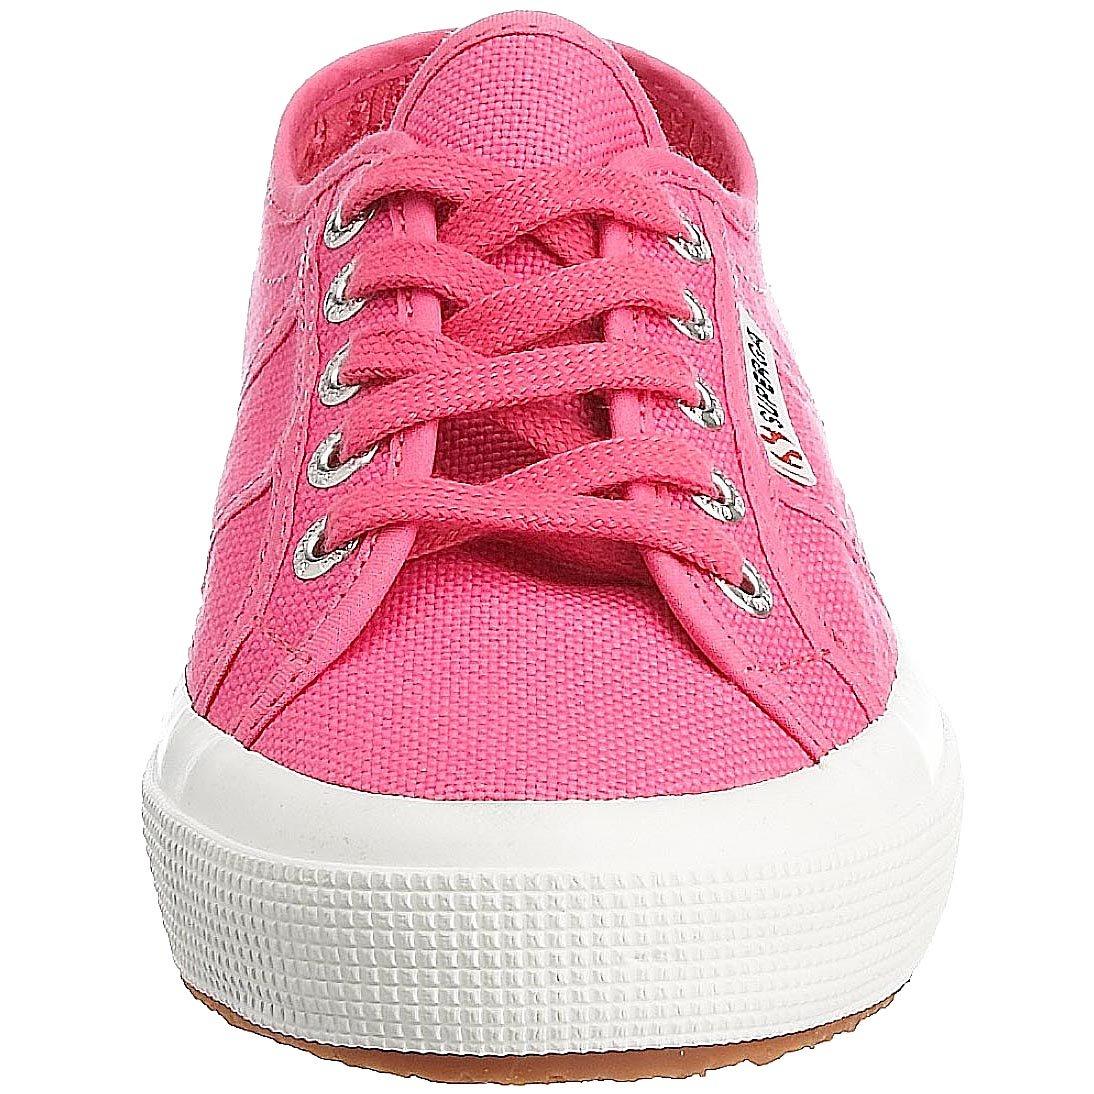 Superga 2750 Cotu Classic Classic Cotu s000010, Damen Sneaker Pink (Fuchsia) 8d5856